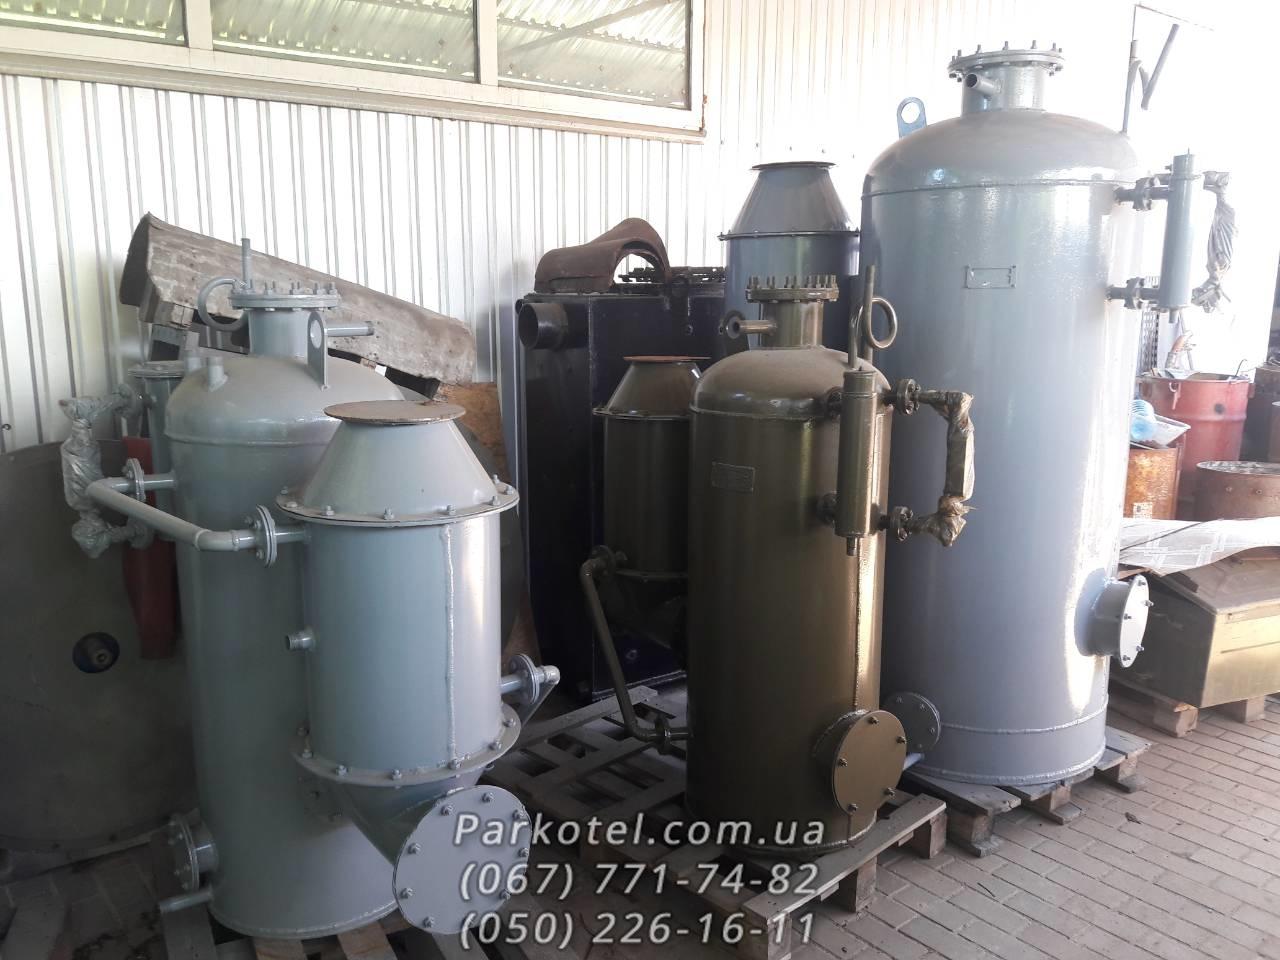 Паровой котел (Парогенератор) РИ-5М и КД-400 на твердом топливе (дрова, уголь, торфяные брикеты)